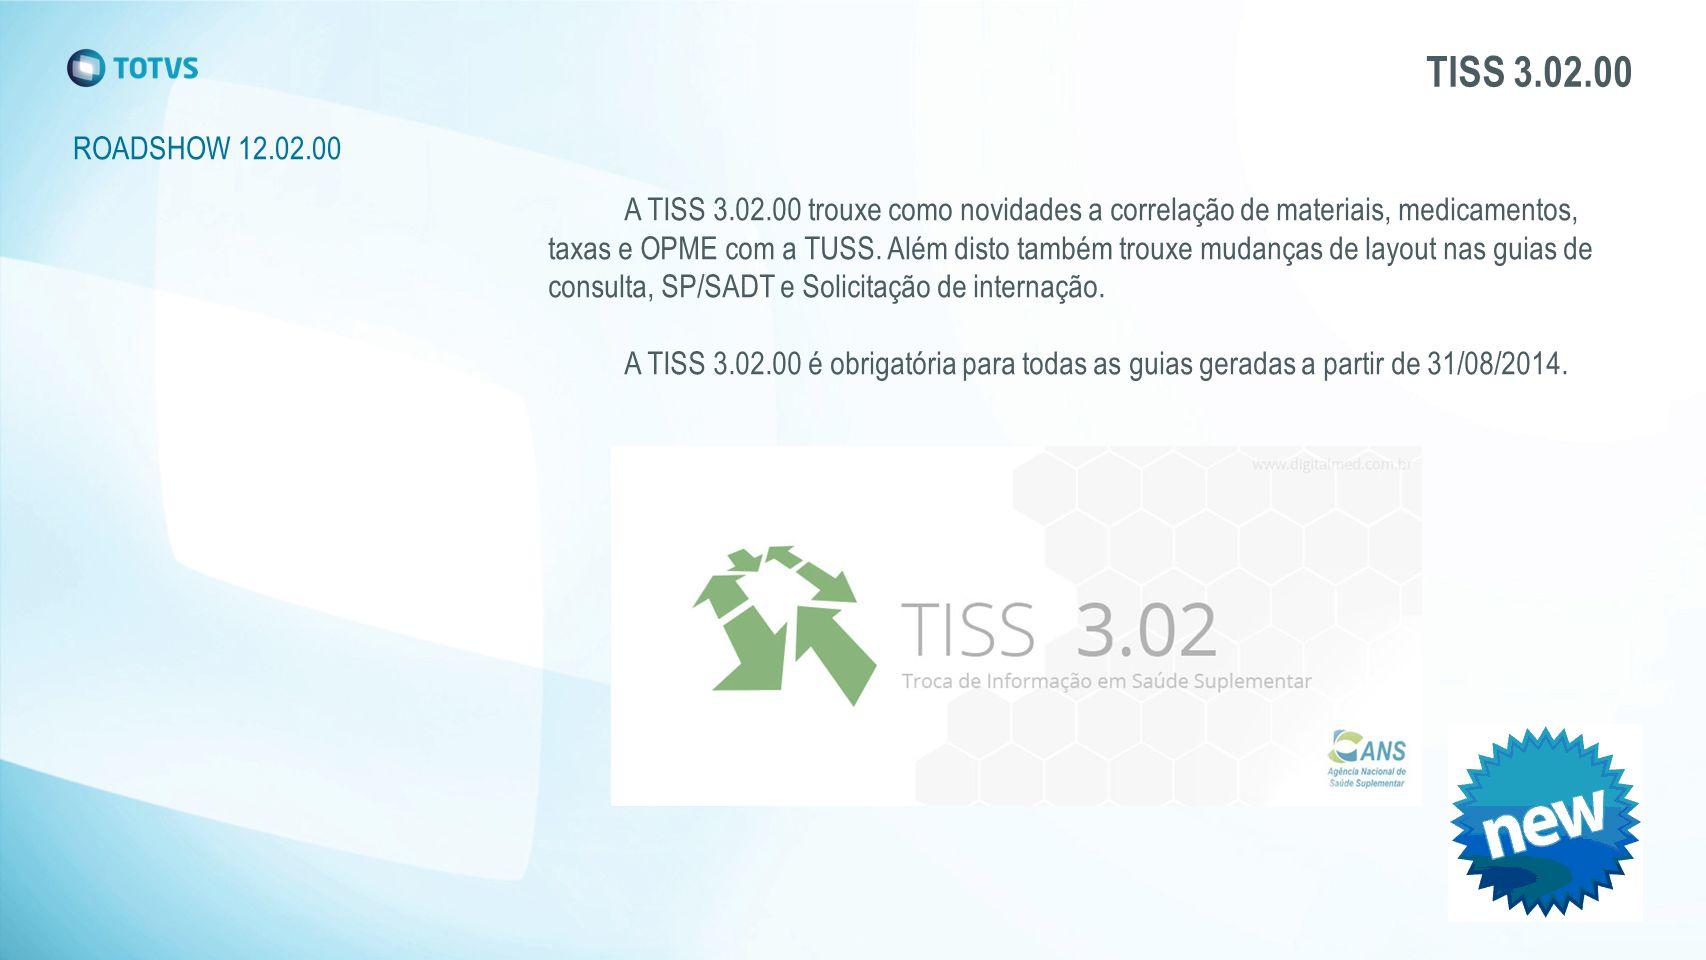 TISS 3.02.00 ROADSHOW 12.02.00 A TISS 3.02.00 trouxe como novidades a correlação de materiais, medicamentos, taxas e OPME com a TUSS.